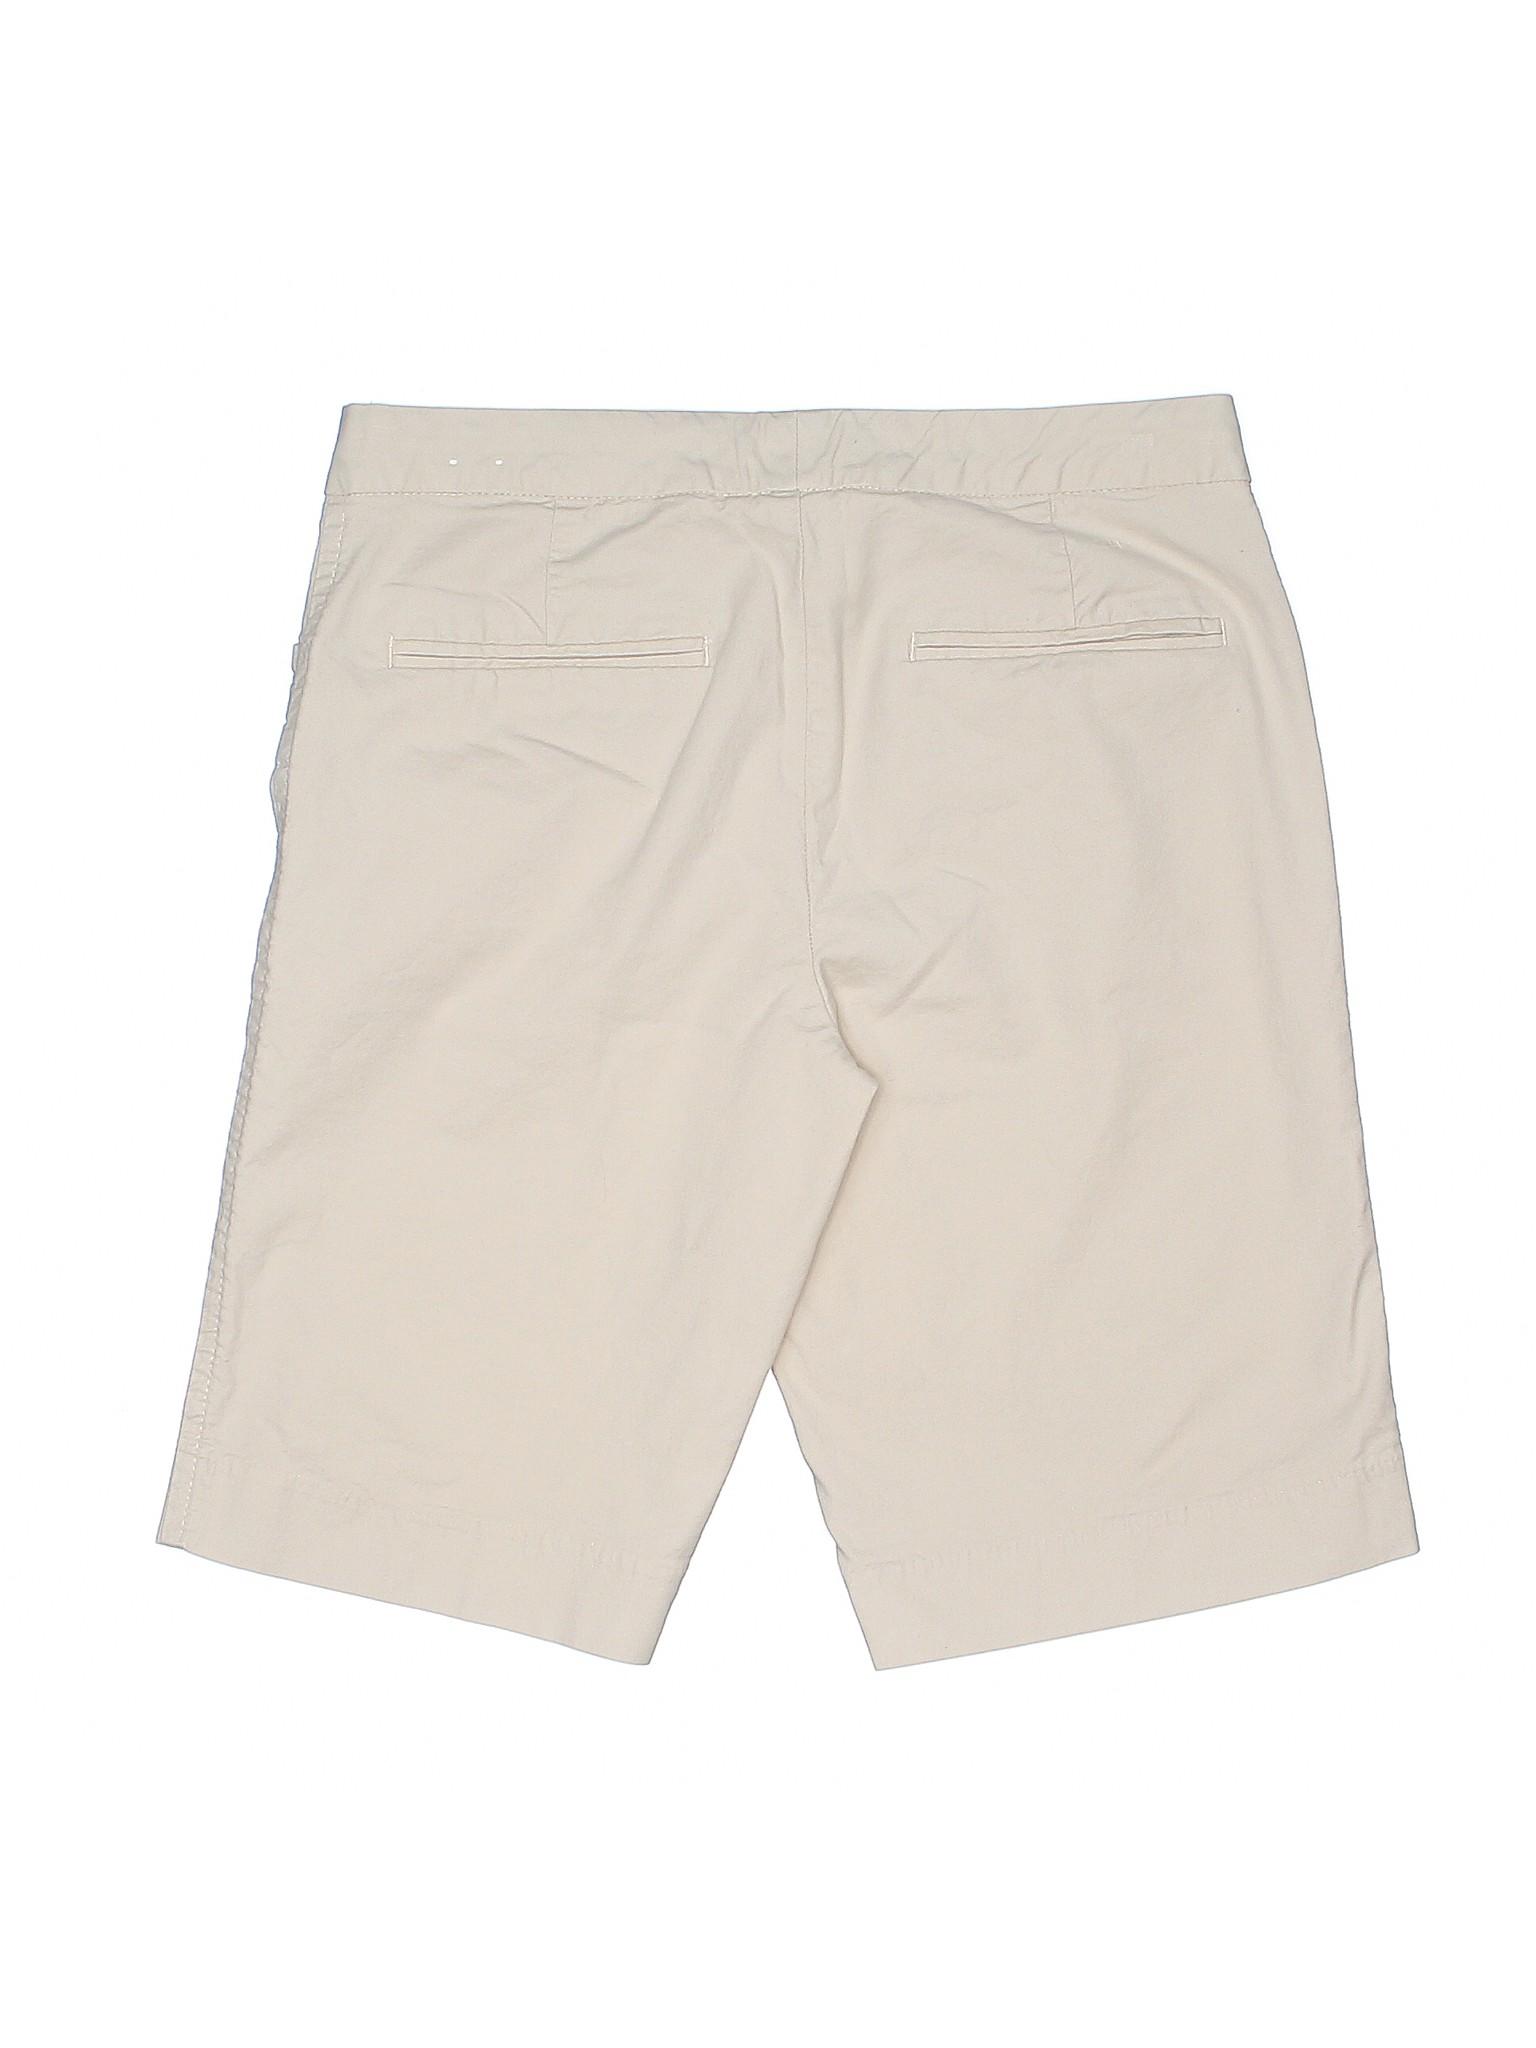 Shorts Boutique Khaki Boutique Hilfiger Hilfiger Khaki Hilfiger Boutique Tommy Tommy Tommy Shorts Khaki 6wOn76qr